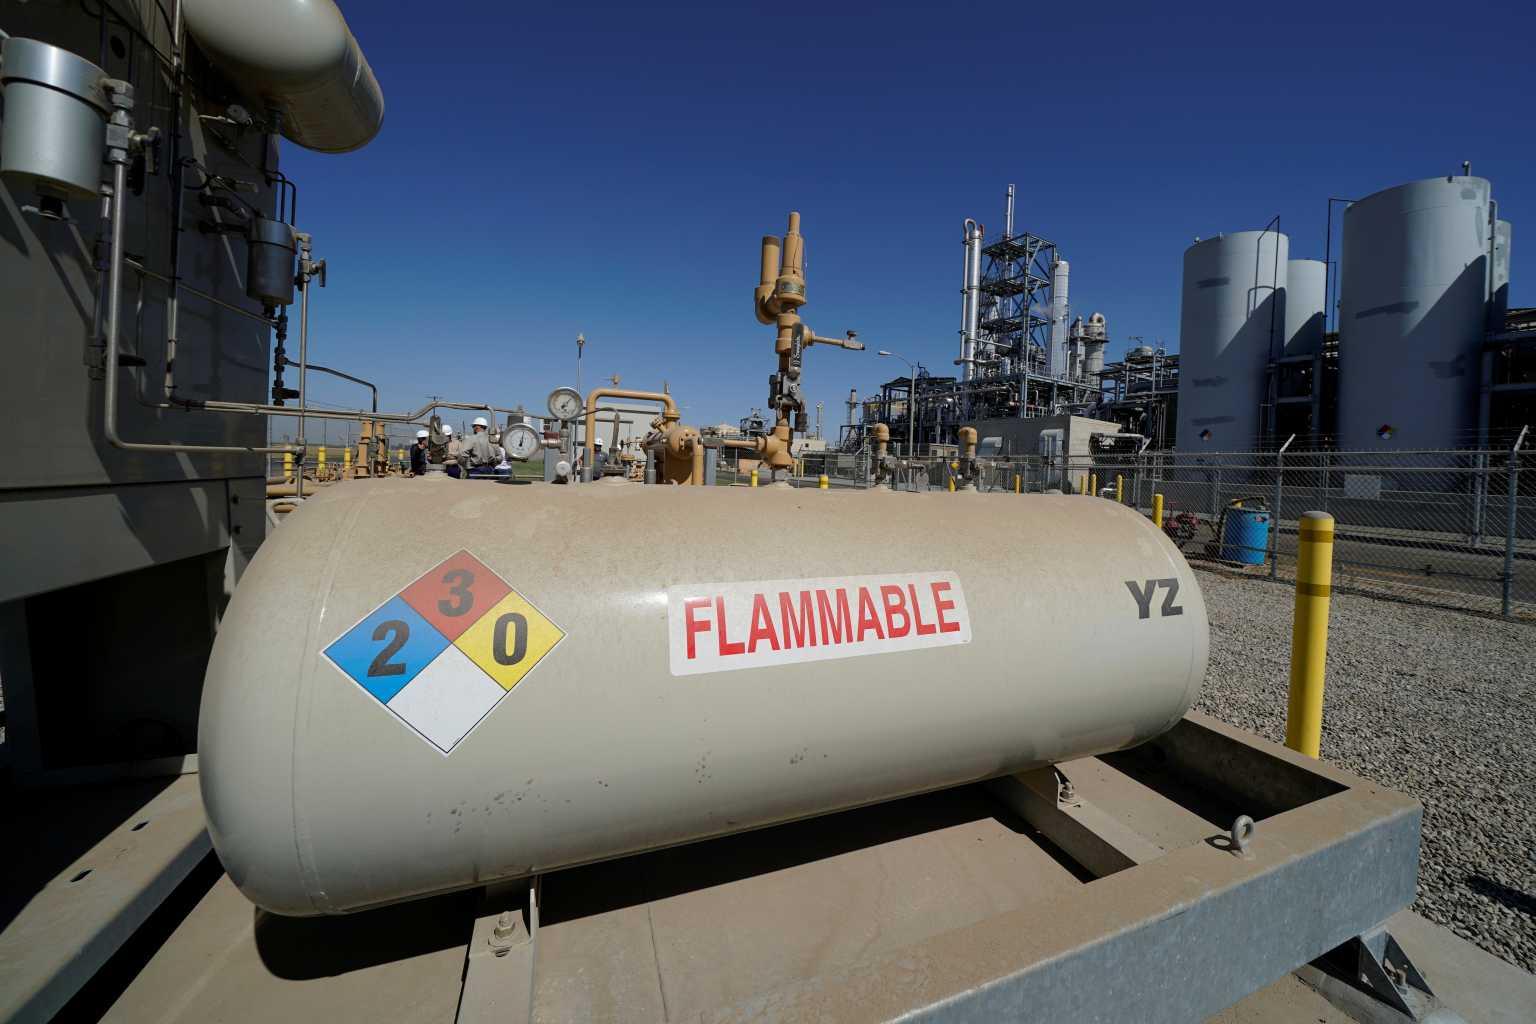 Ρωσία: Οι τιμές του φυσικού αερίου μπορεί να αποσταθεροποιήσουν την ευρωπαϊκή οικονομία